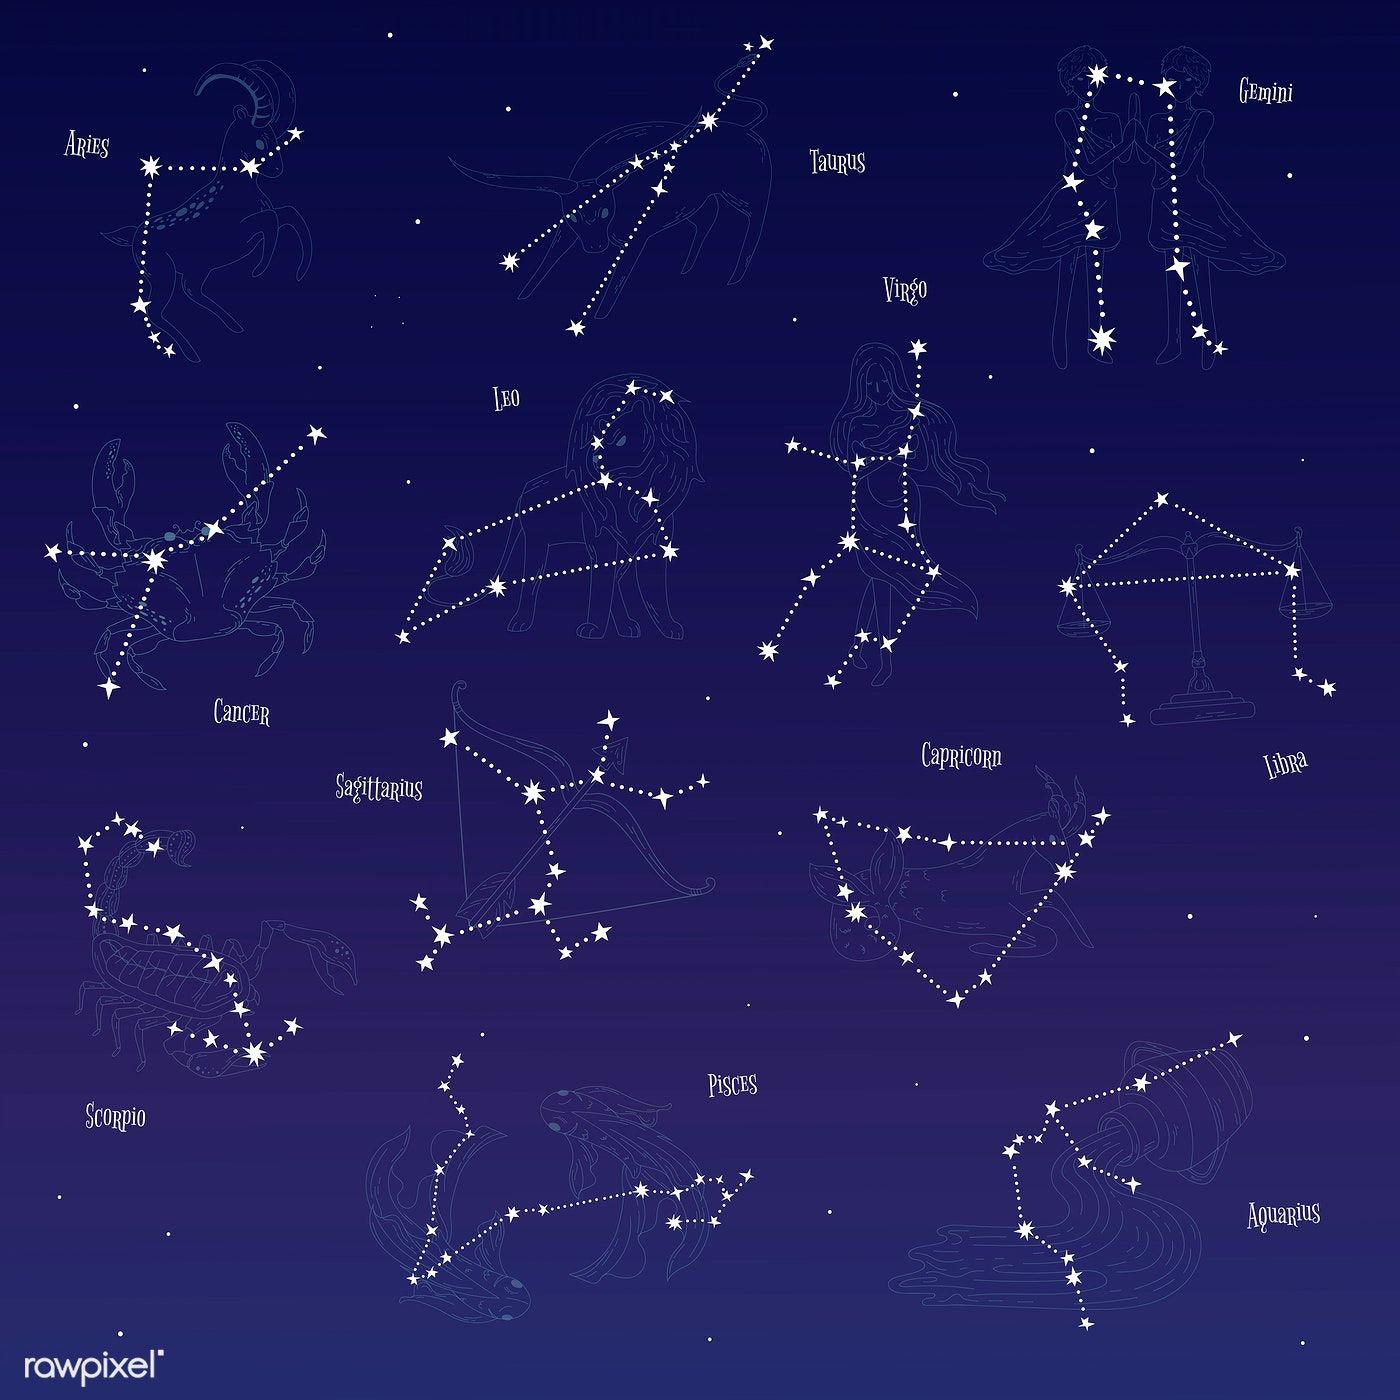 фотоальбом картинки с созвездиями знаками зодиака красиво будет сделать